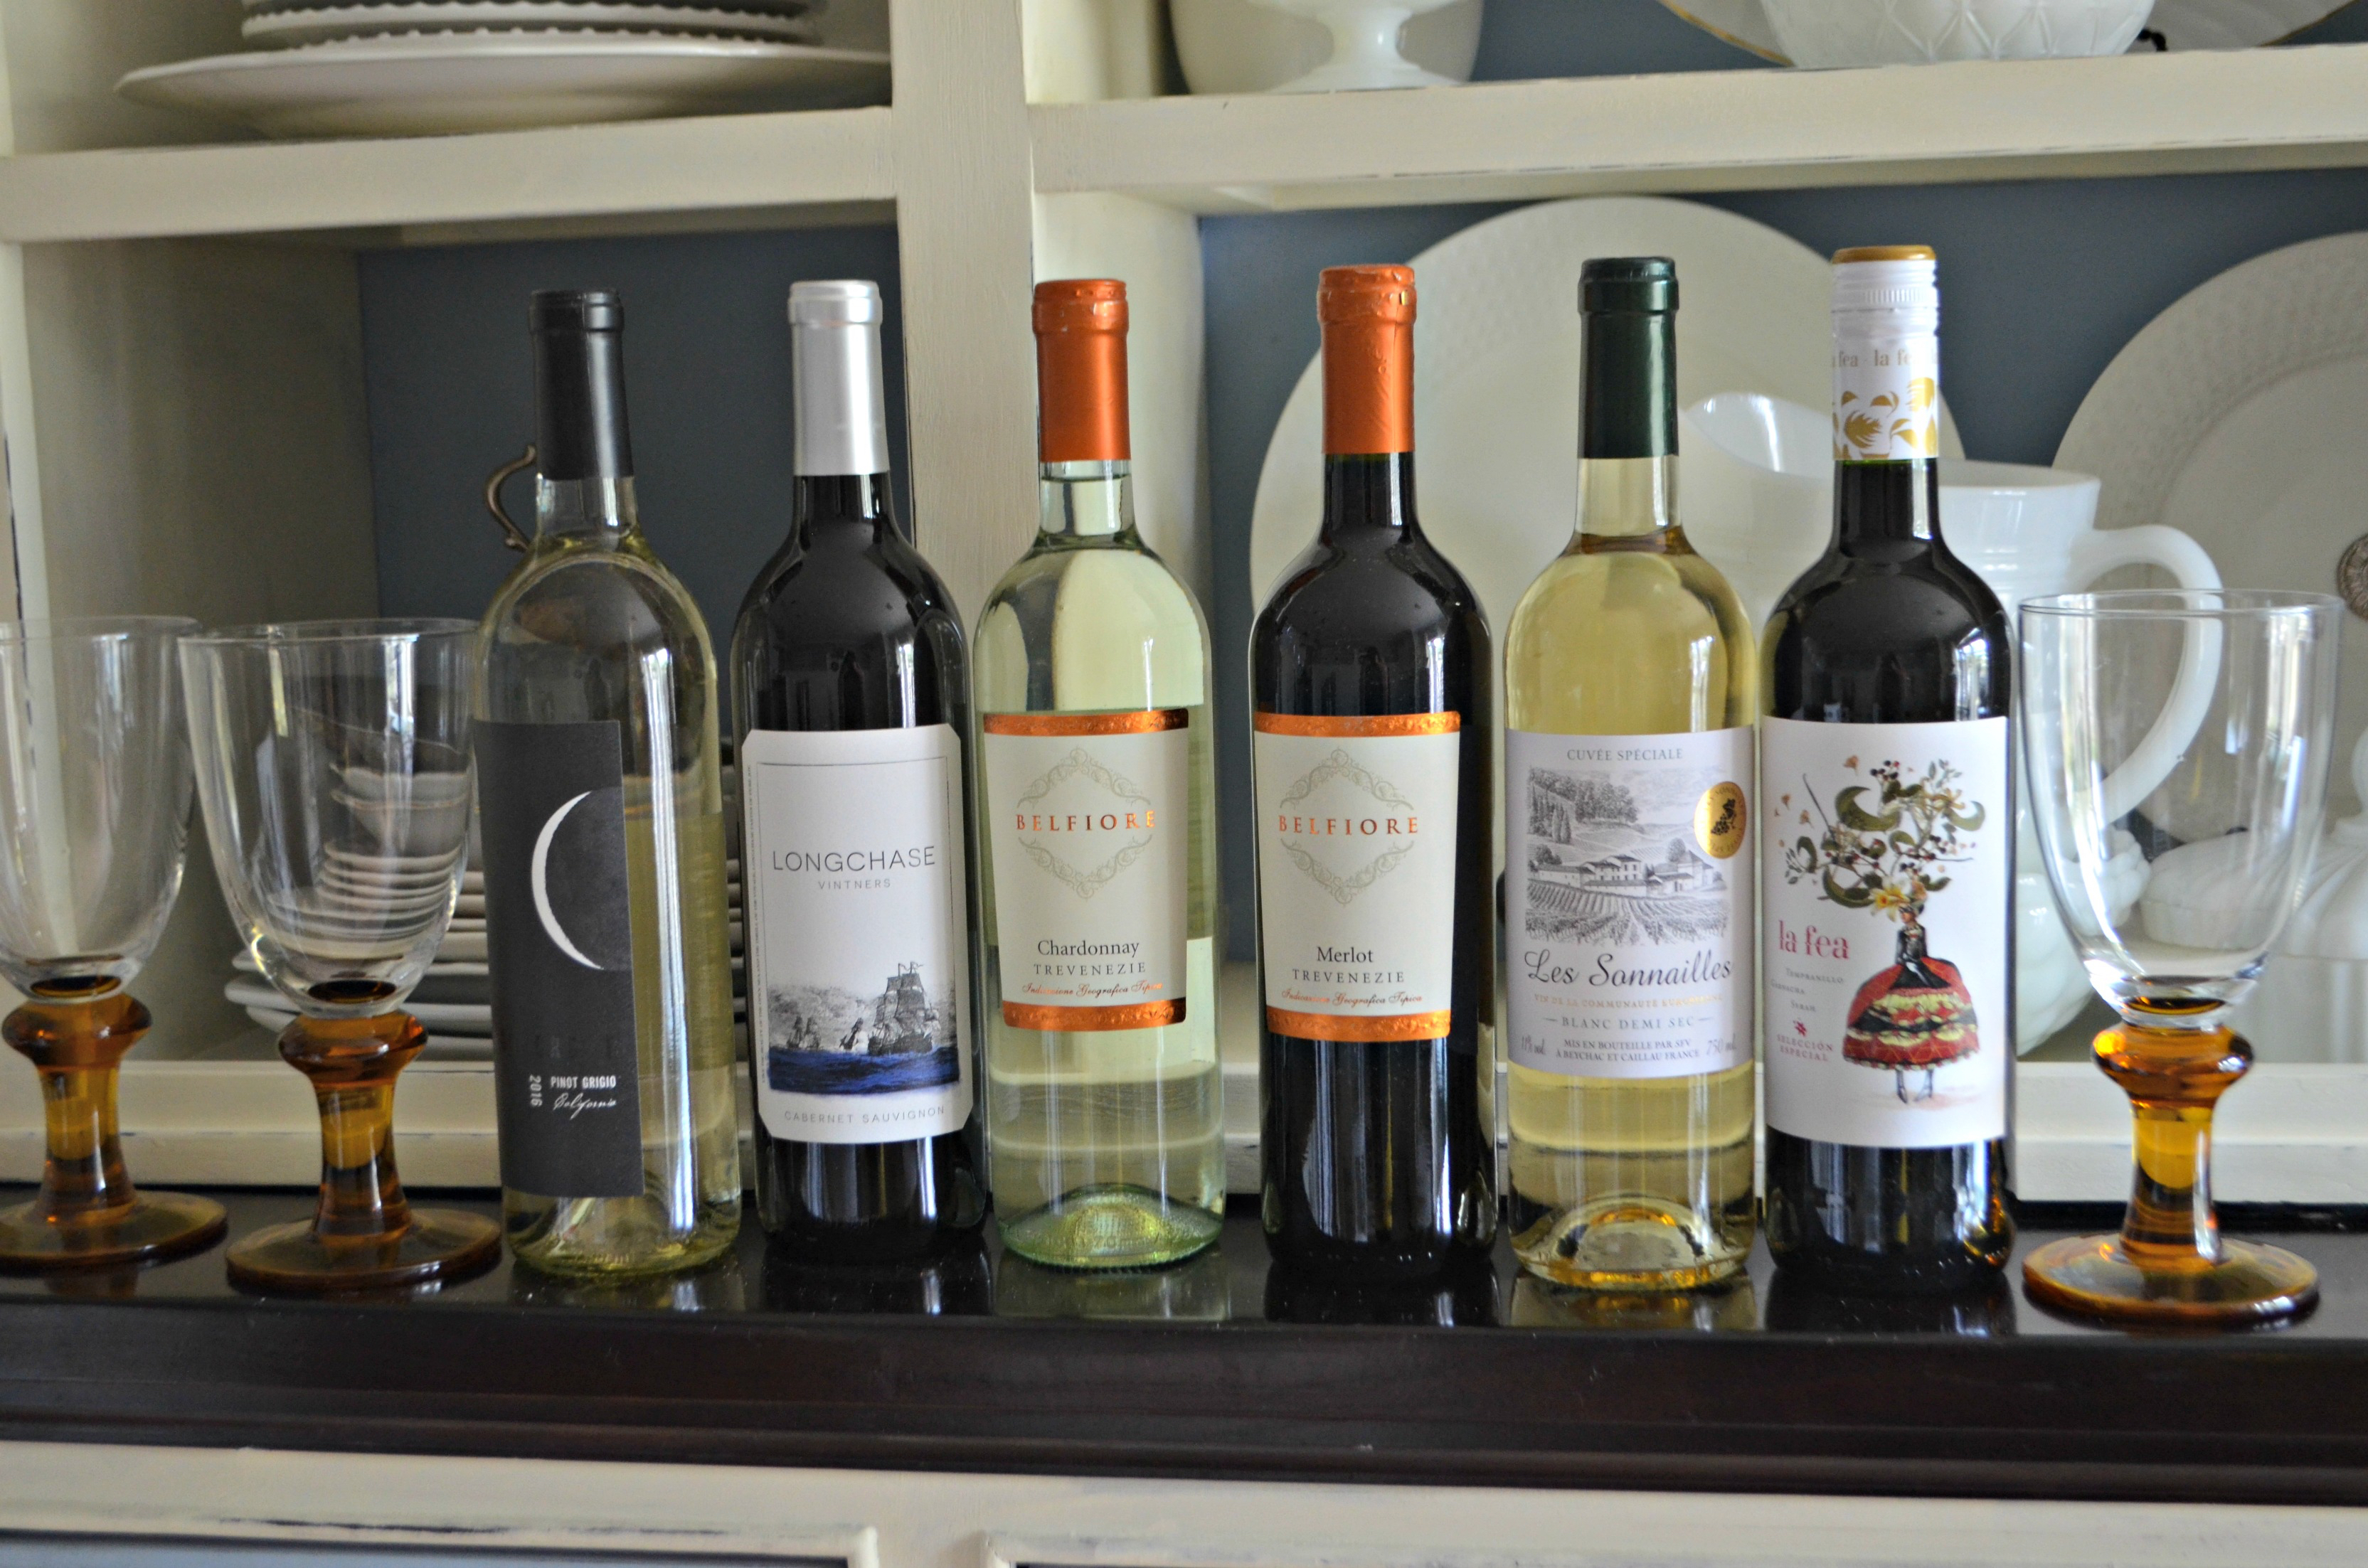 6 bottles award winning wine free corkscrew – bottles of Wine Insiders wine